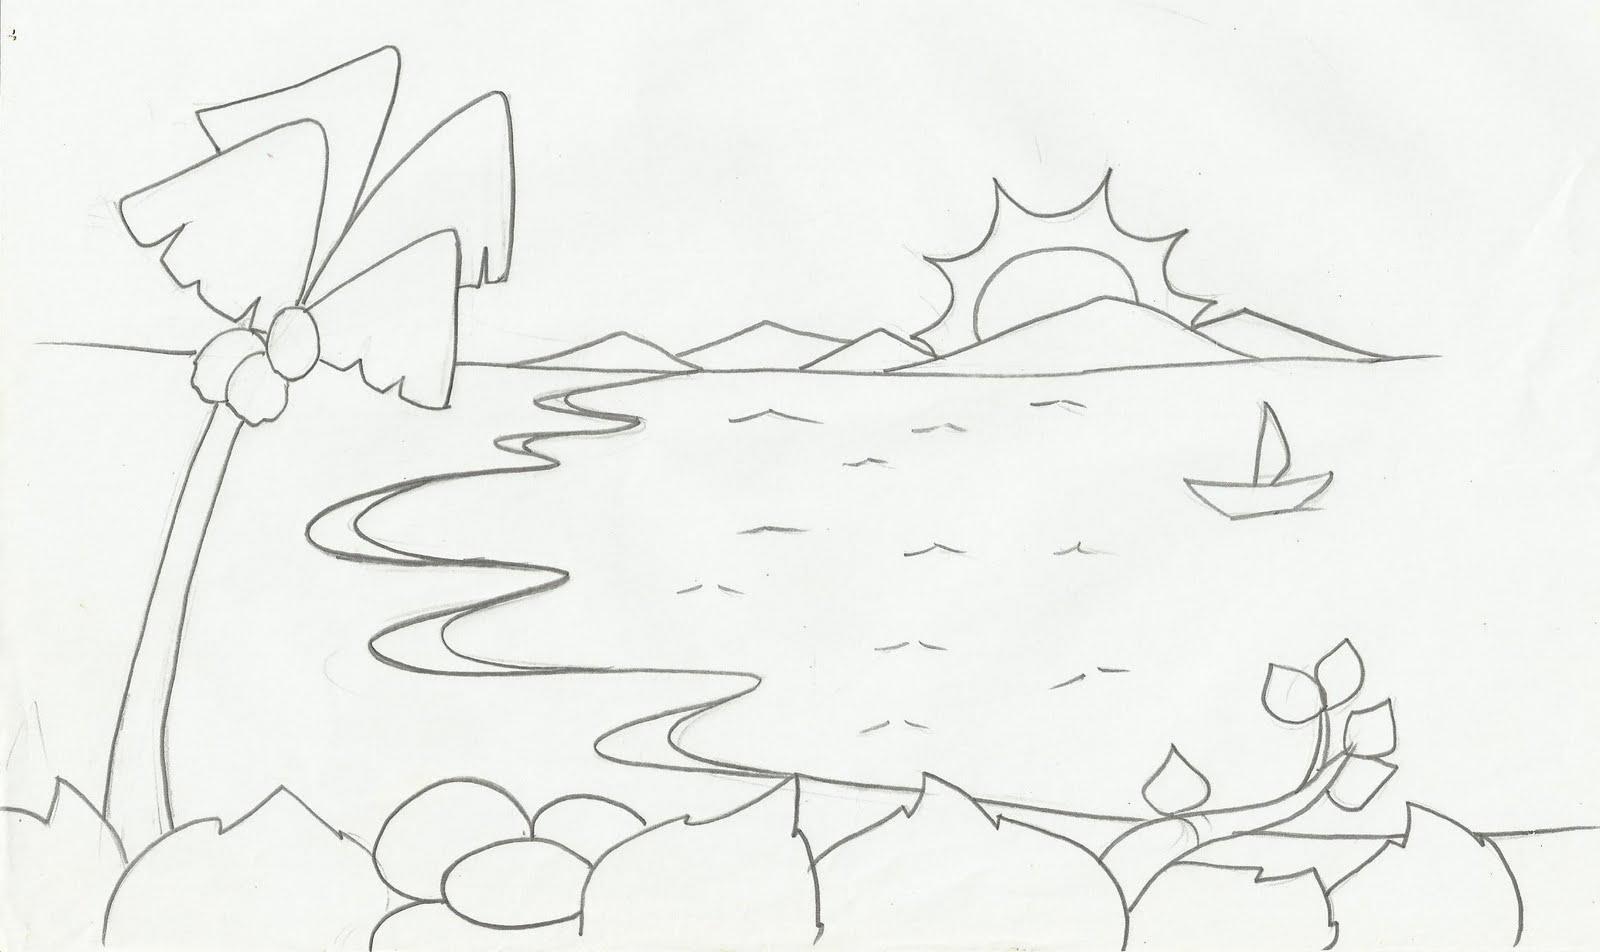 Postado por Gifs e Desenhos às sábado, dezembro 03, 2011